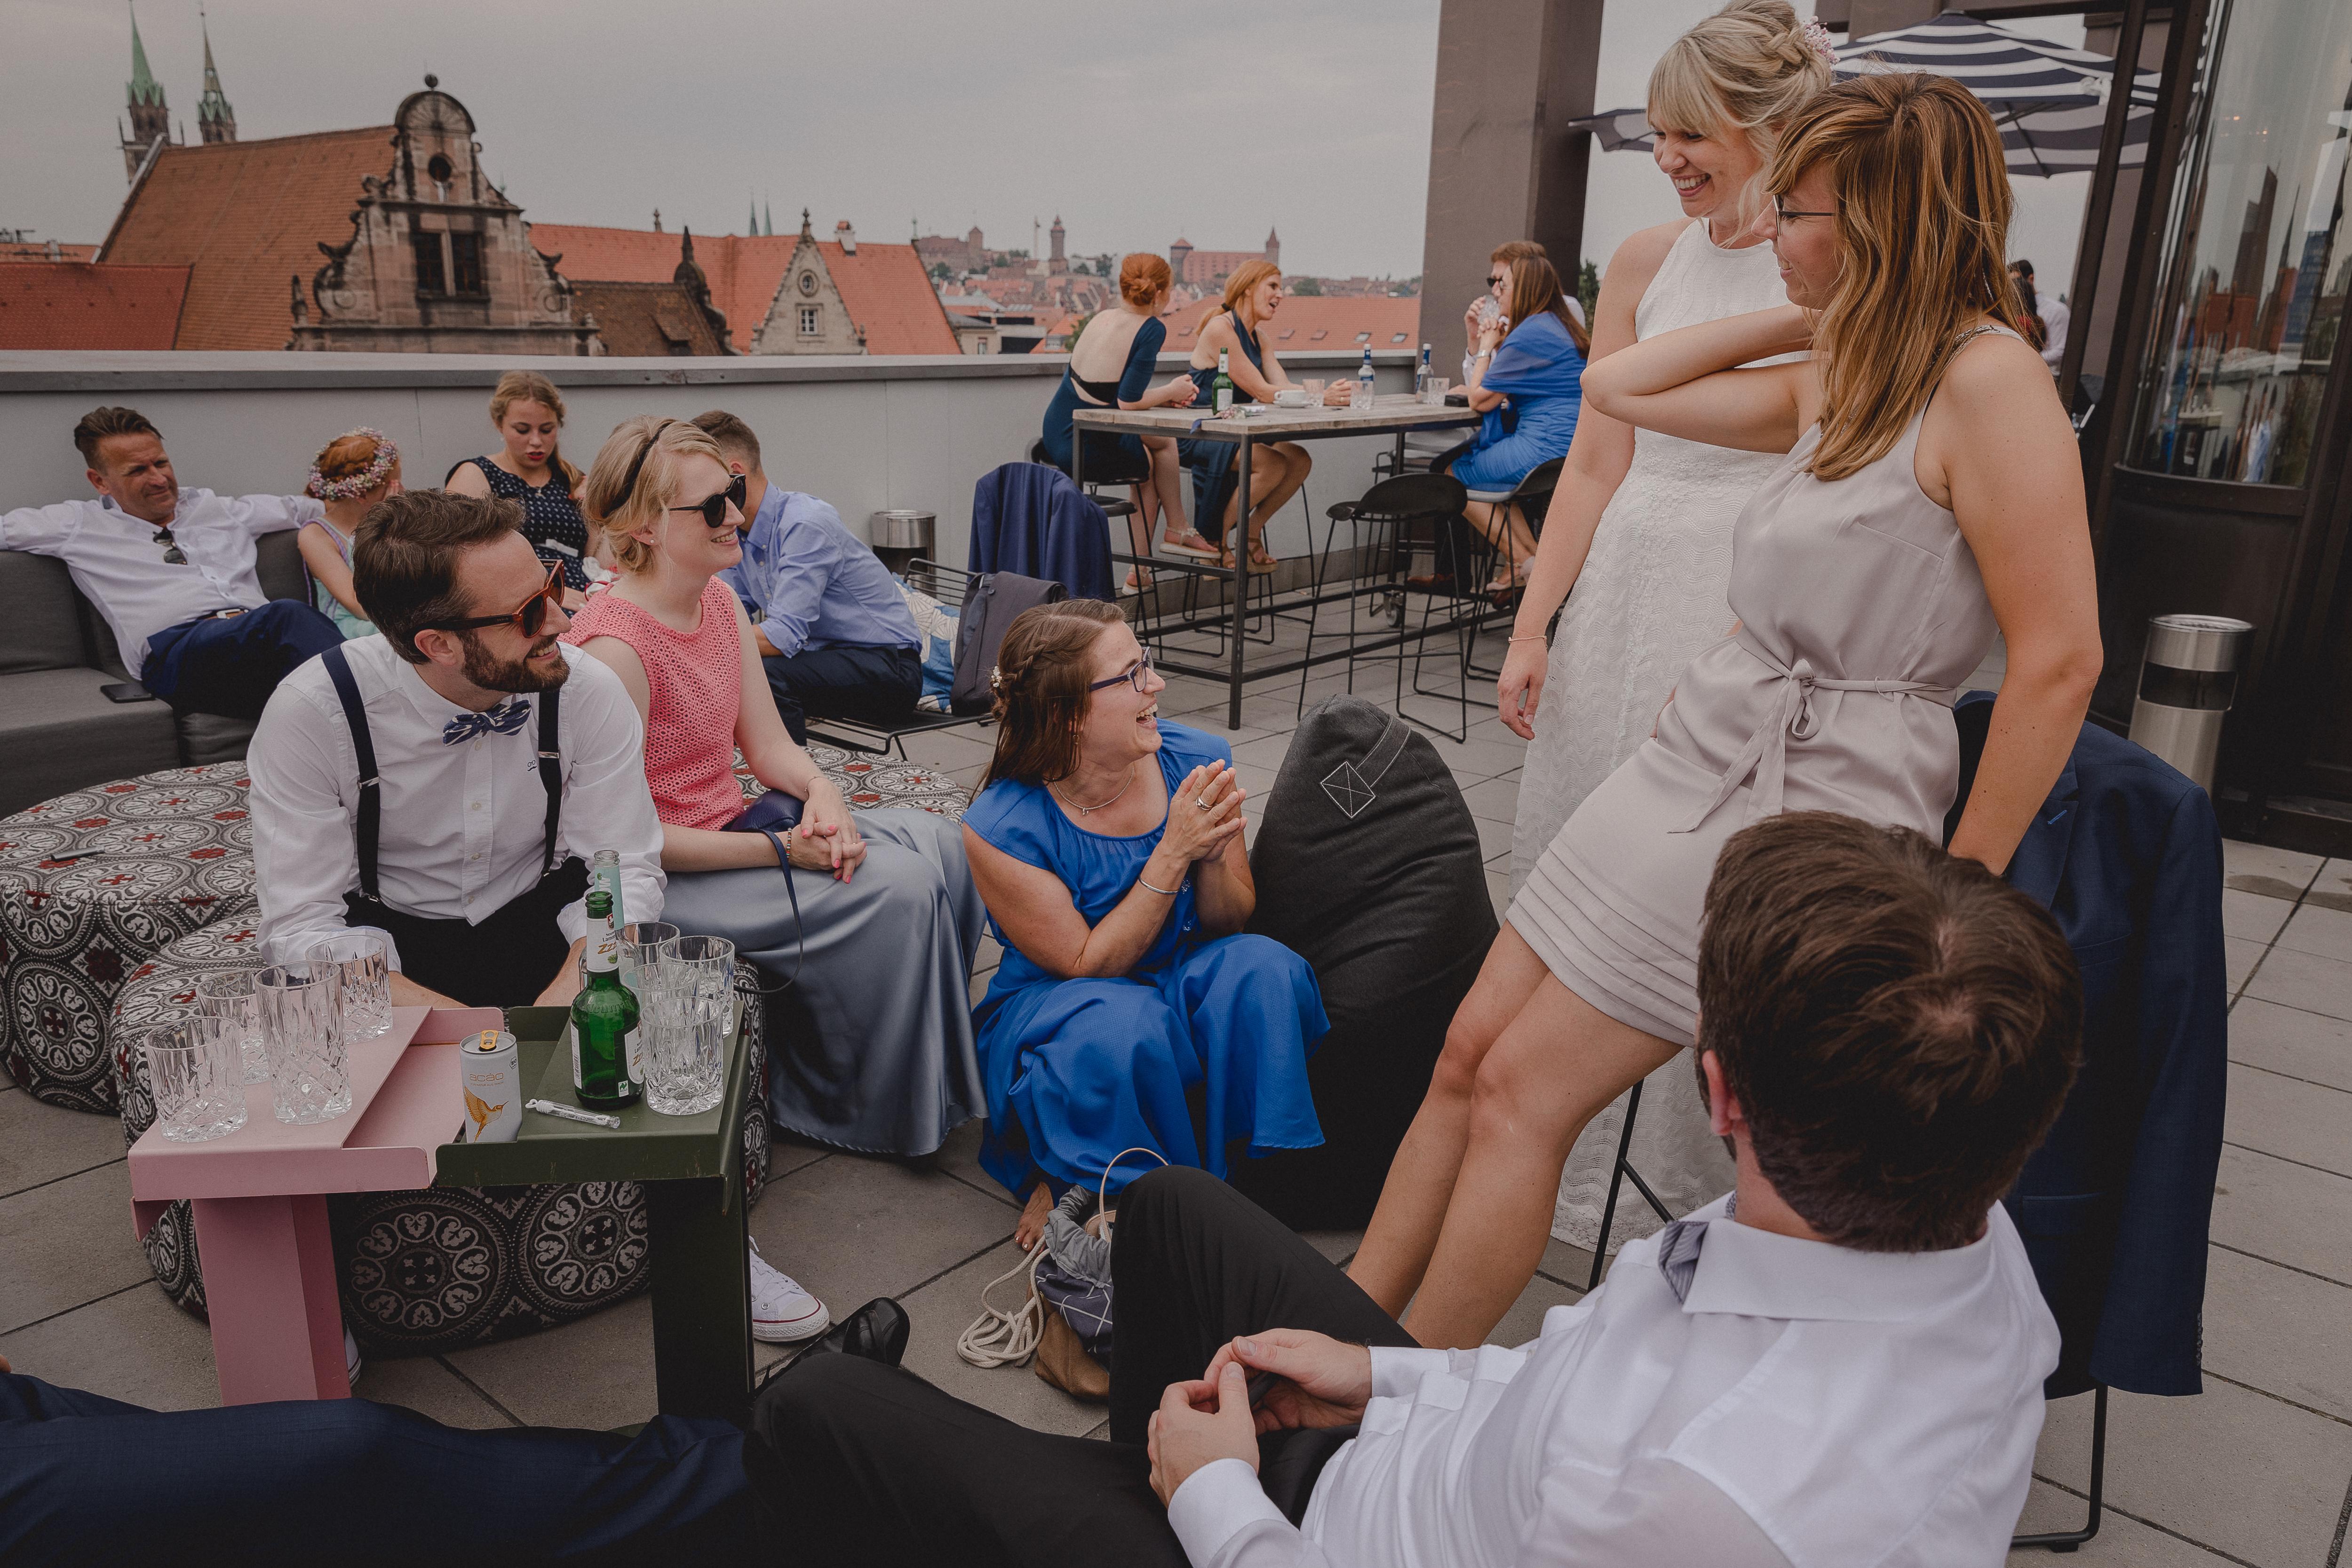 Hochzeitsfotograf-Nuernberg-Design-Offices-Urbanerie-Sabrina-und-Simon-097